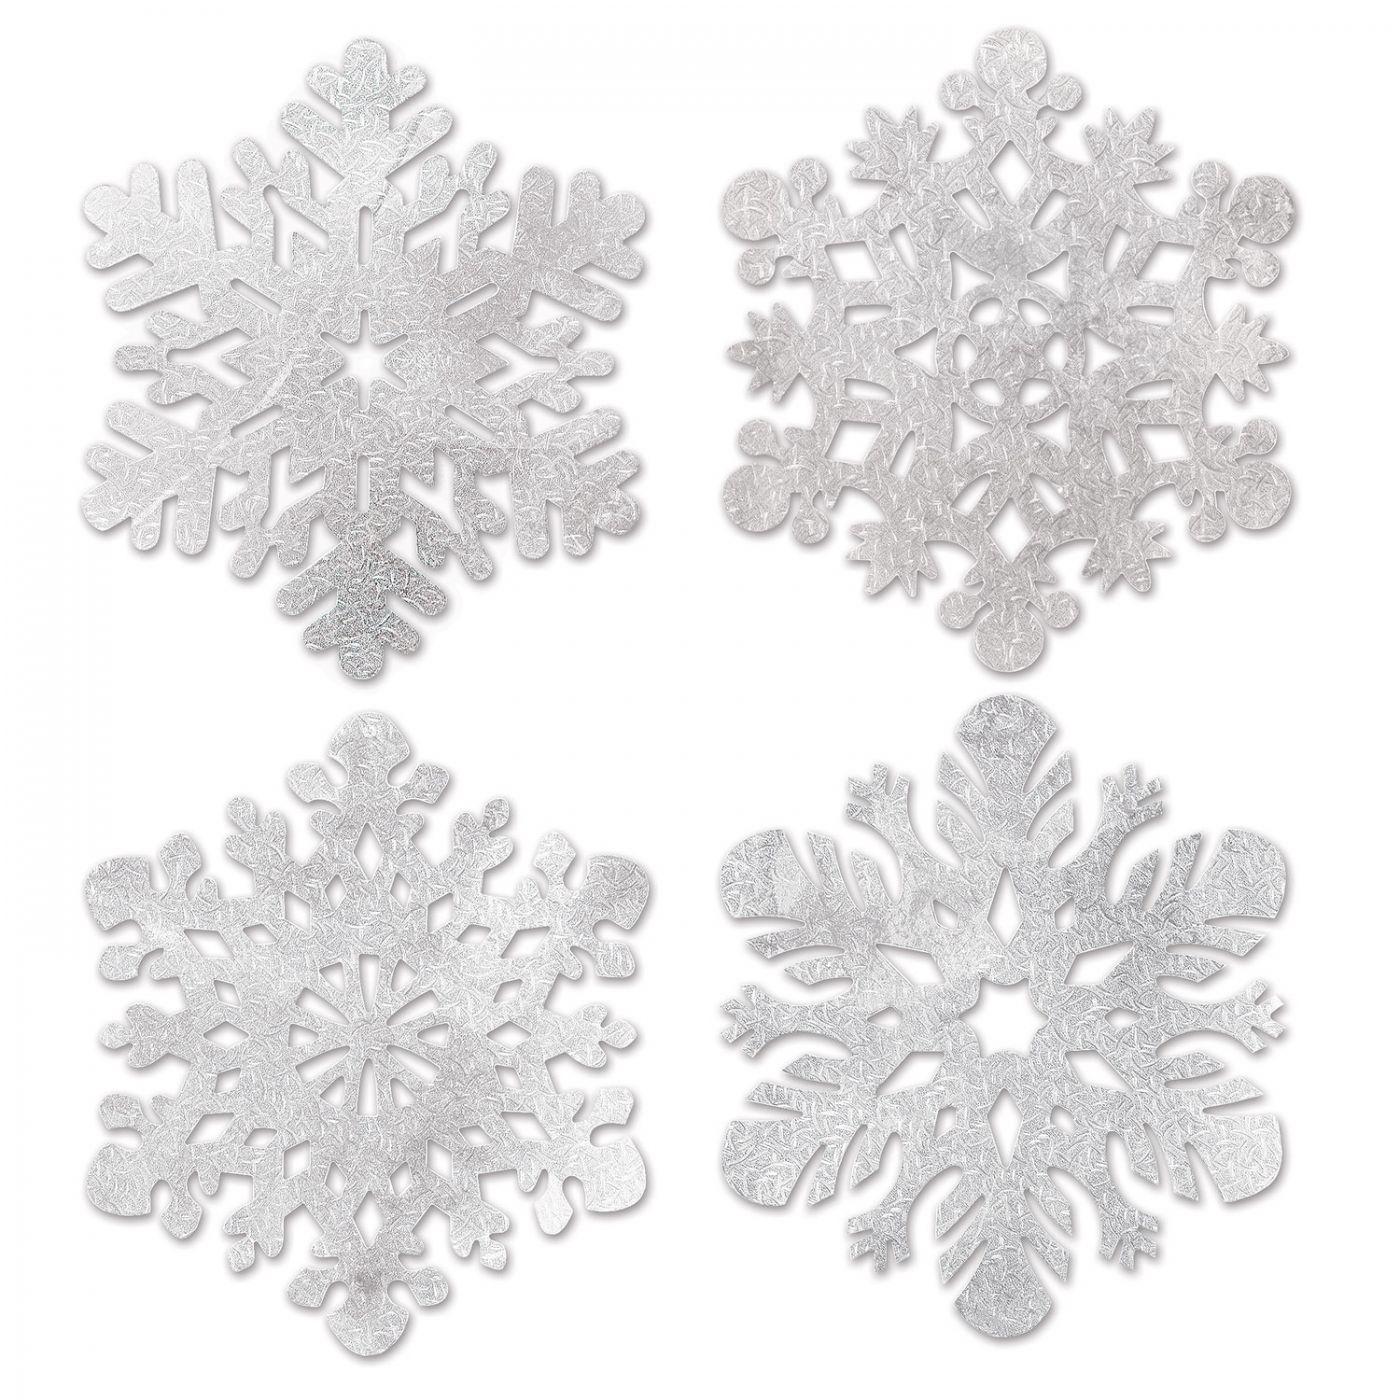 Pkgd Foil Snowflake Cutouts image